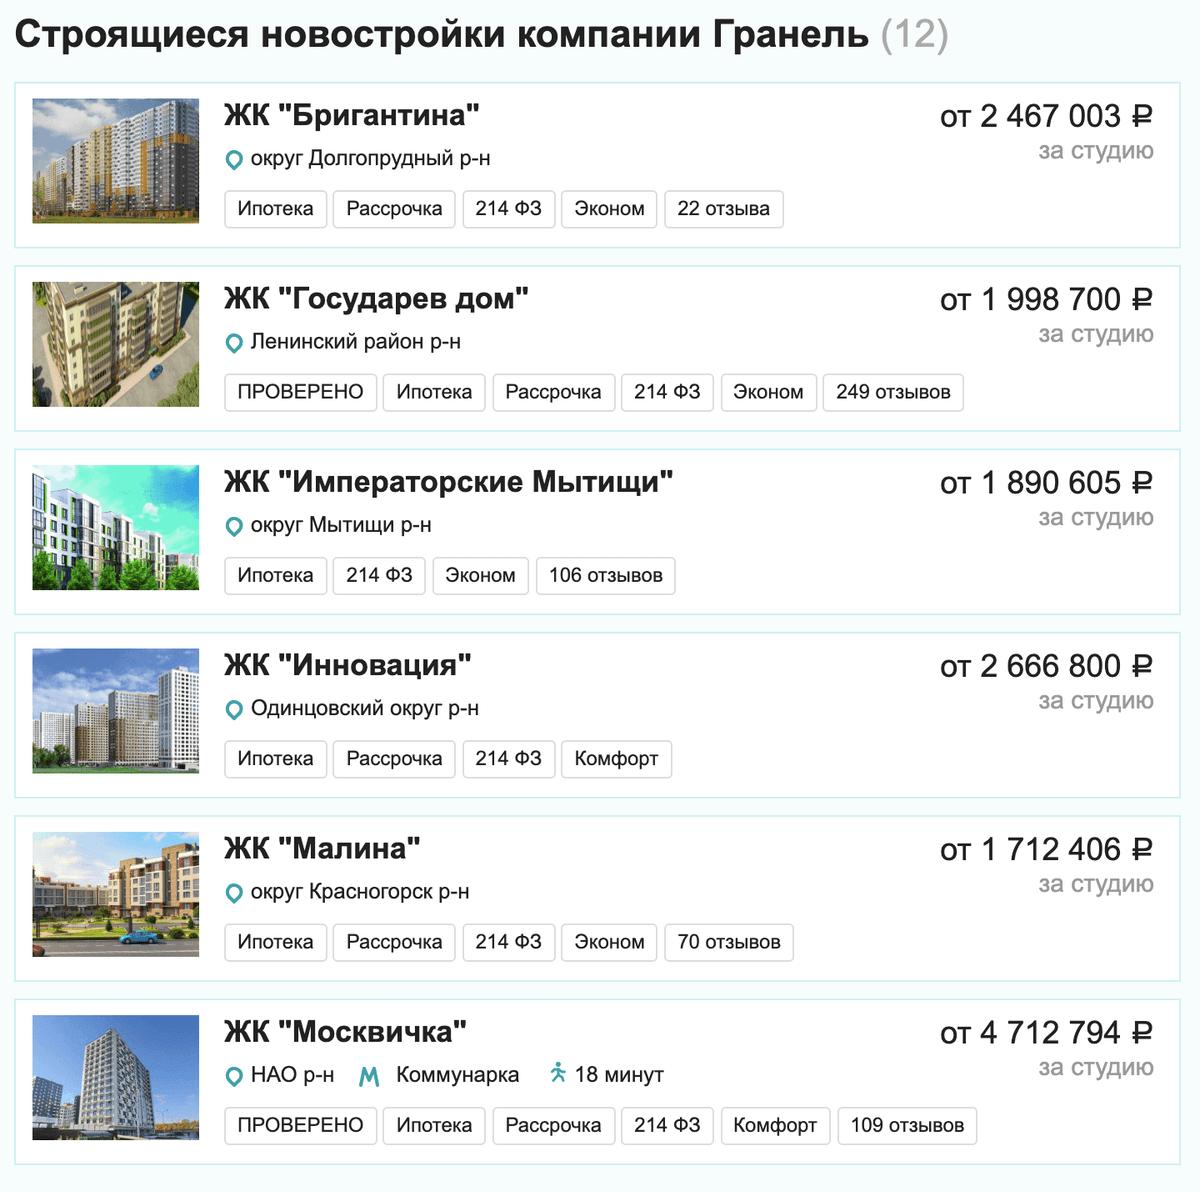 Застройщик строит в основном в Московской области. И не только свои объекты — еще достраивает за другими. Например, ЖК «Малина»: застройщик решил достроить проблемный объект и взял на себя дополнительный риск и обязательства